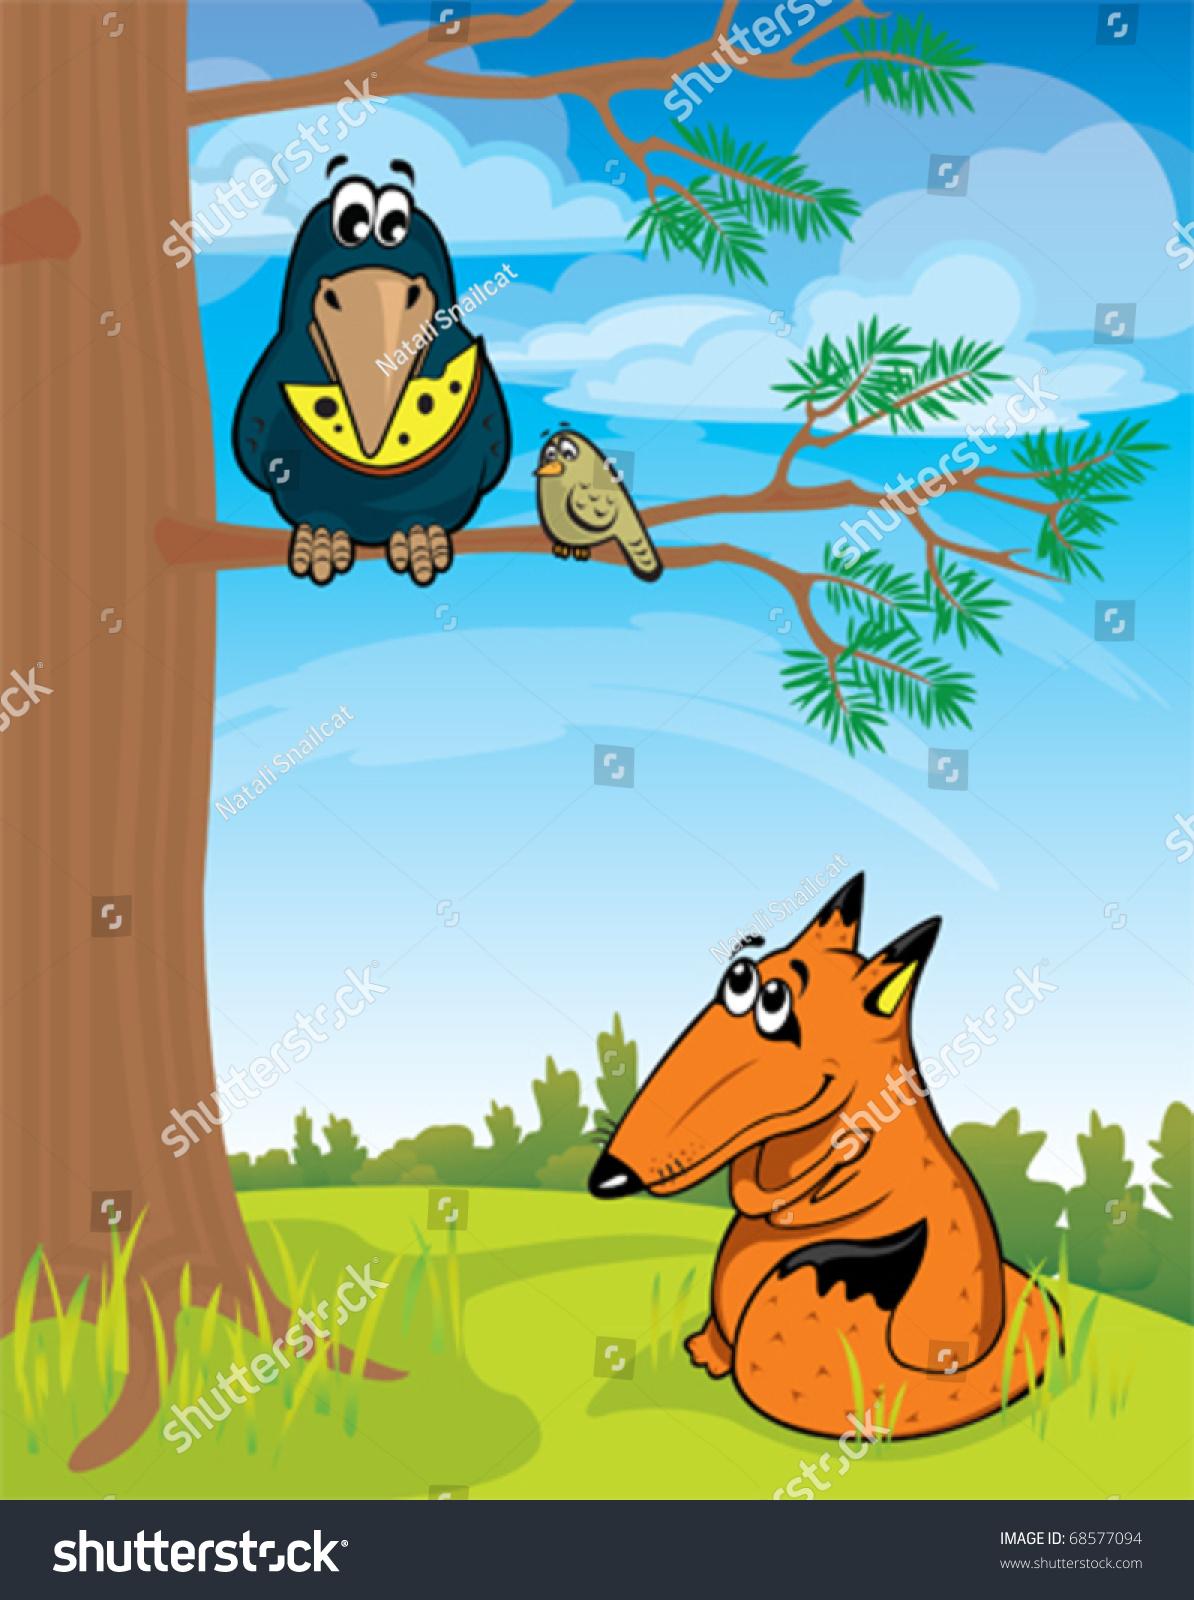 卡通狐狸看着乌鸦和奶酪-动物/野生生物,插图/剪贴图